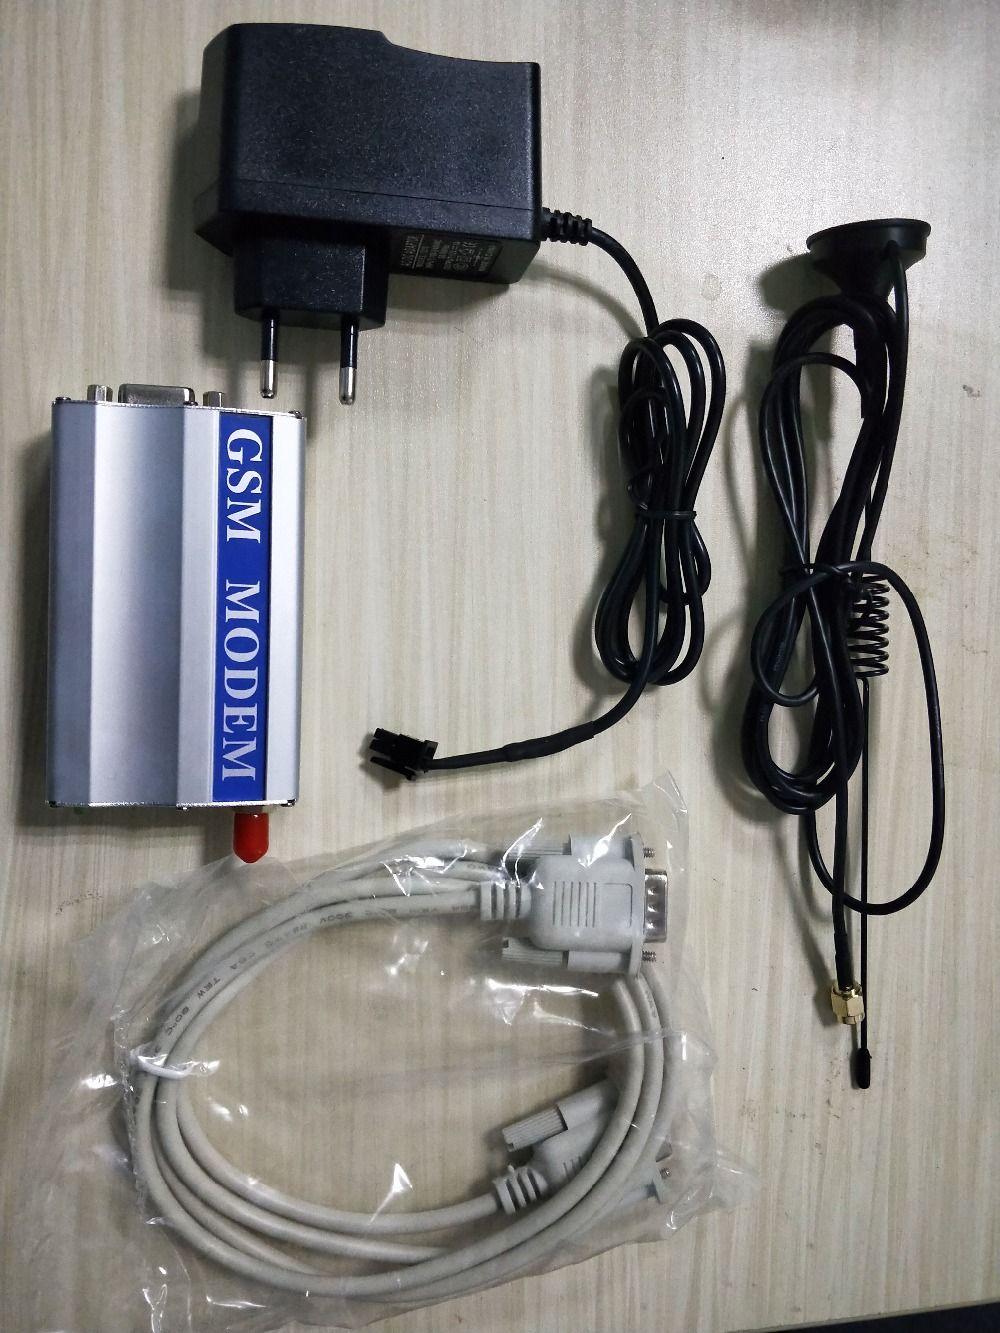 Quad band 850/900/1800/1900MHz Cinterion MC55i gsm modem